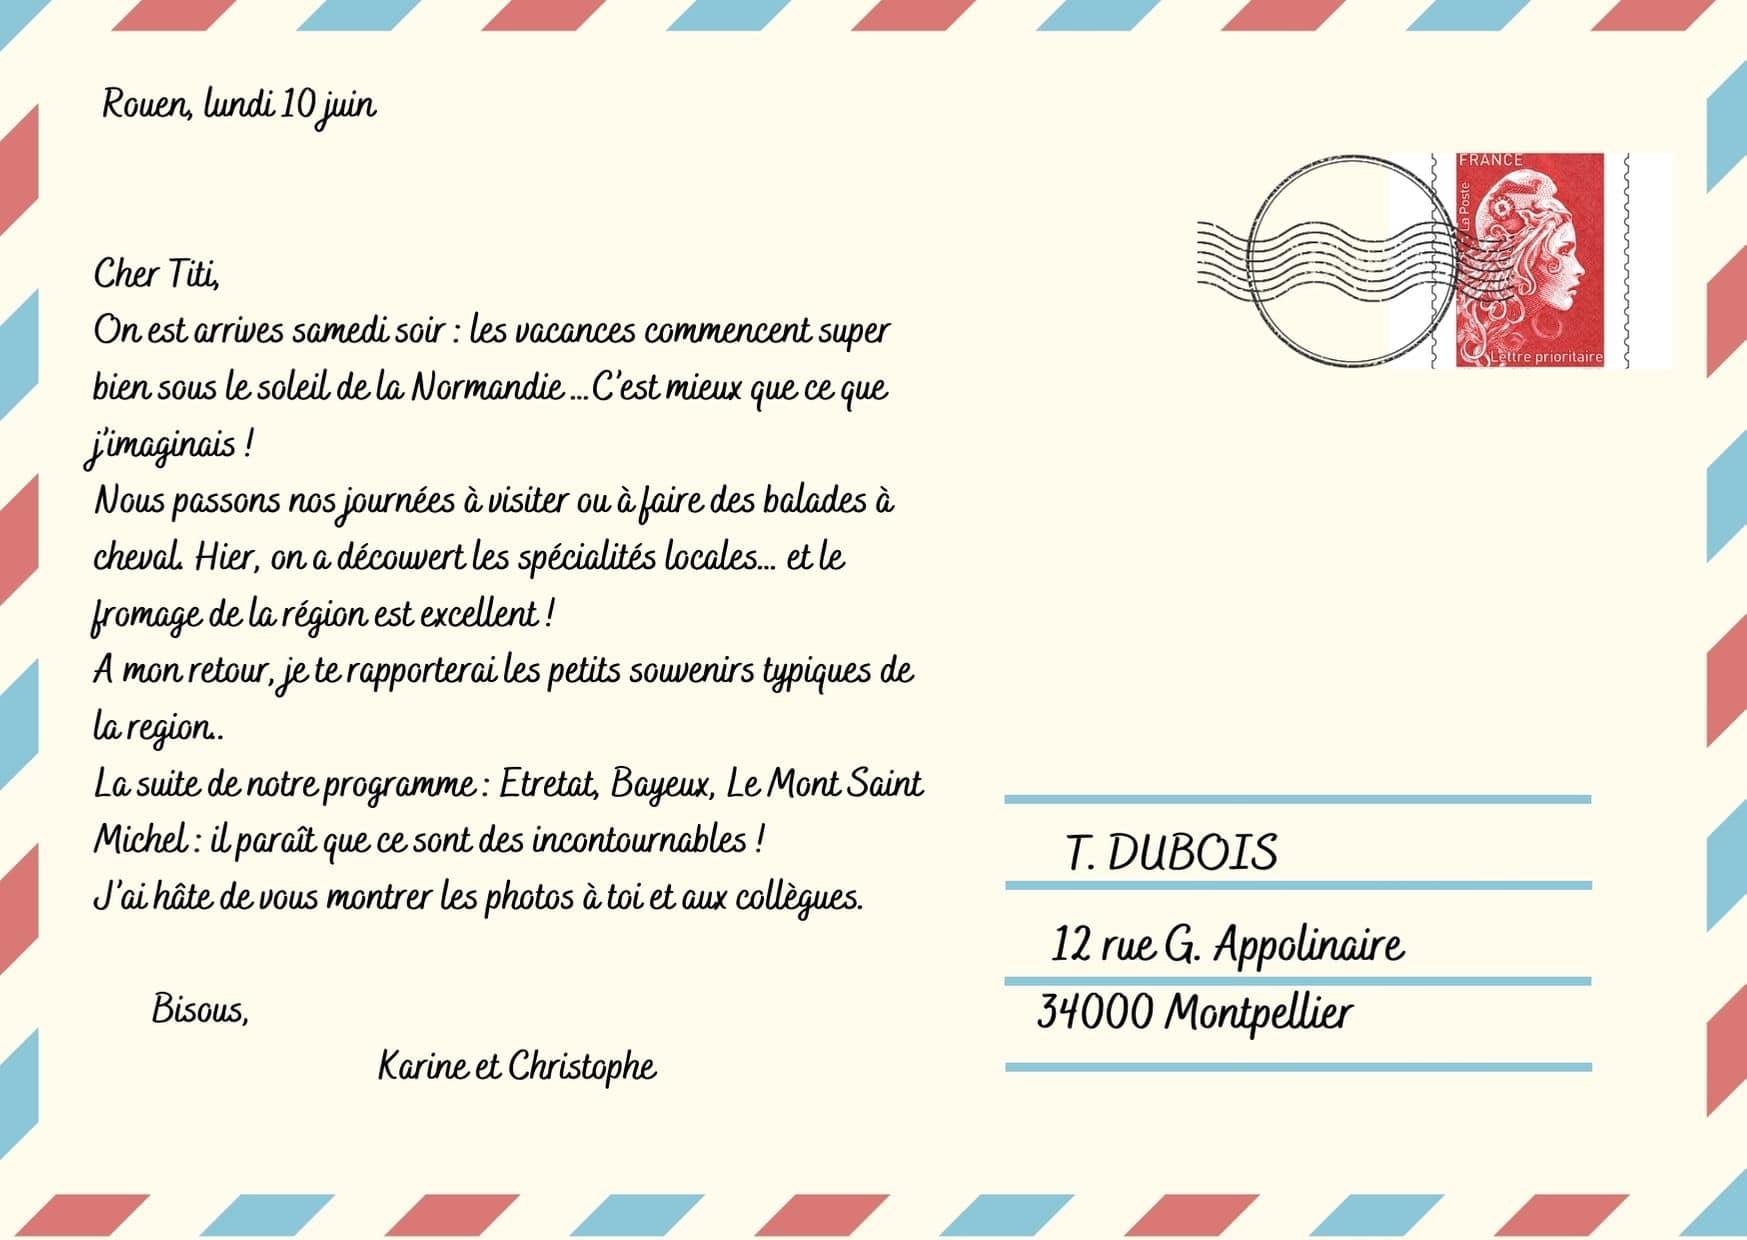 Test de niveau français - Carte postale